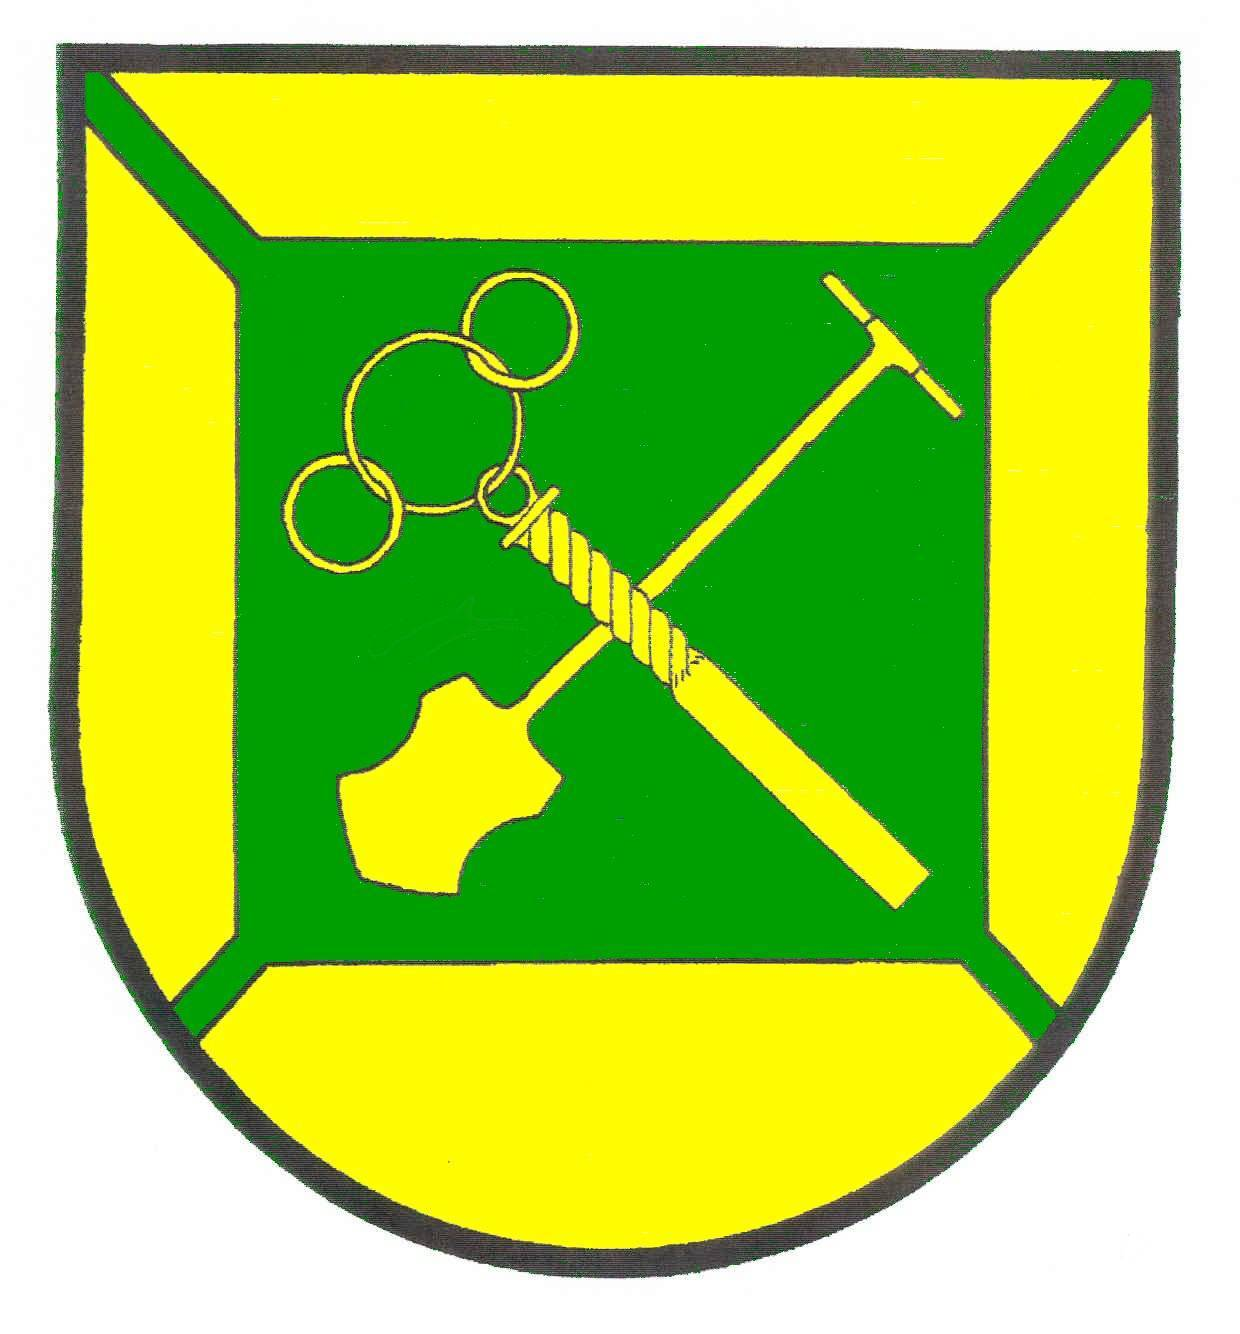 Wappen GemeindeJardelund, Kreis Schleswig-Flensburg